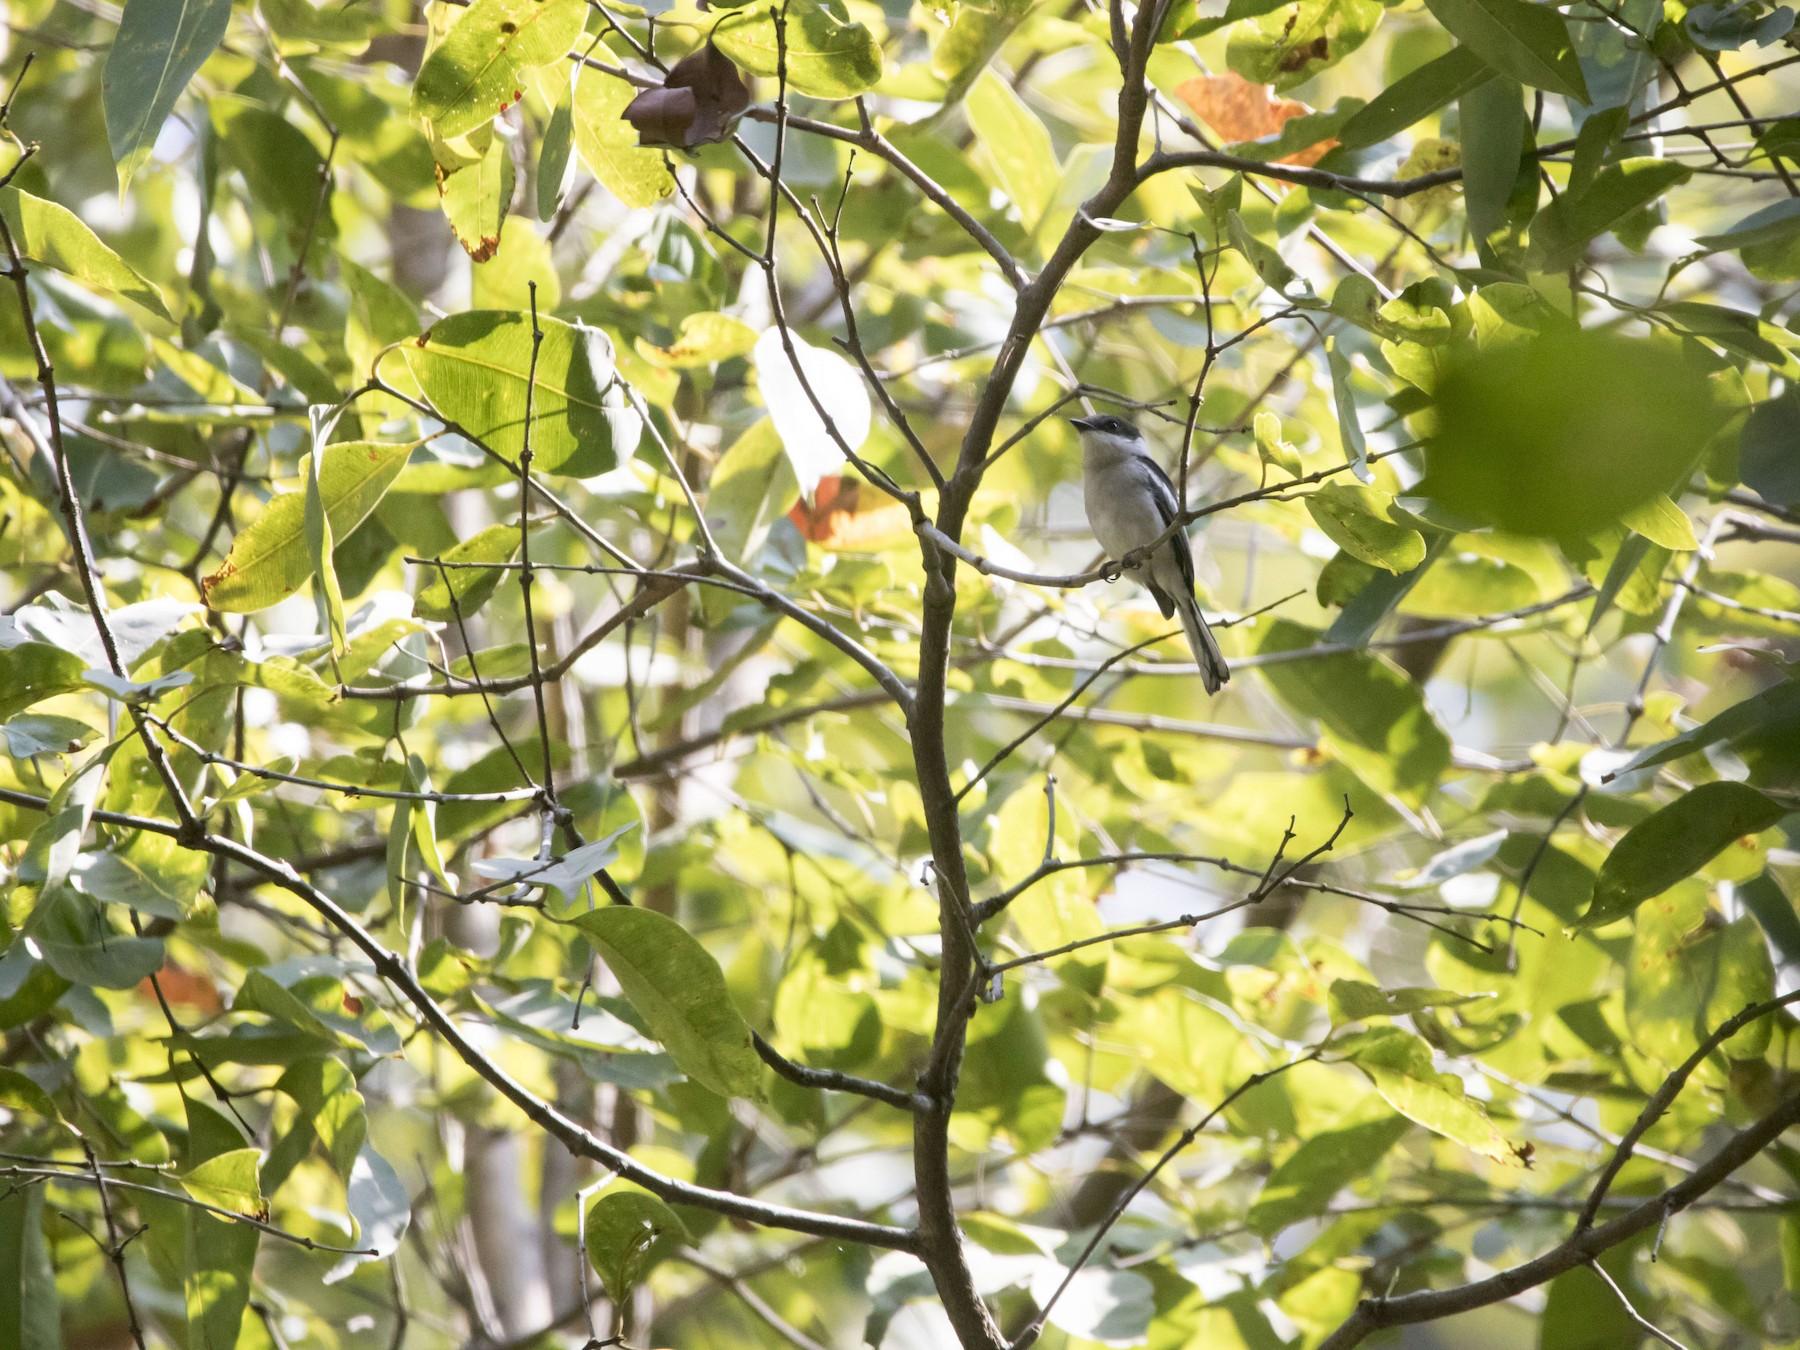 Bar-winged Flycatcher-shrike - Ravi naidu